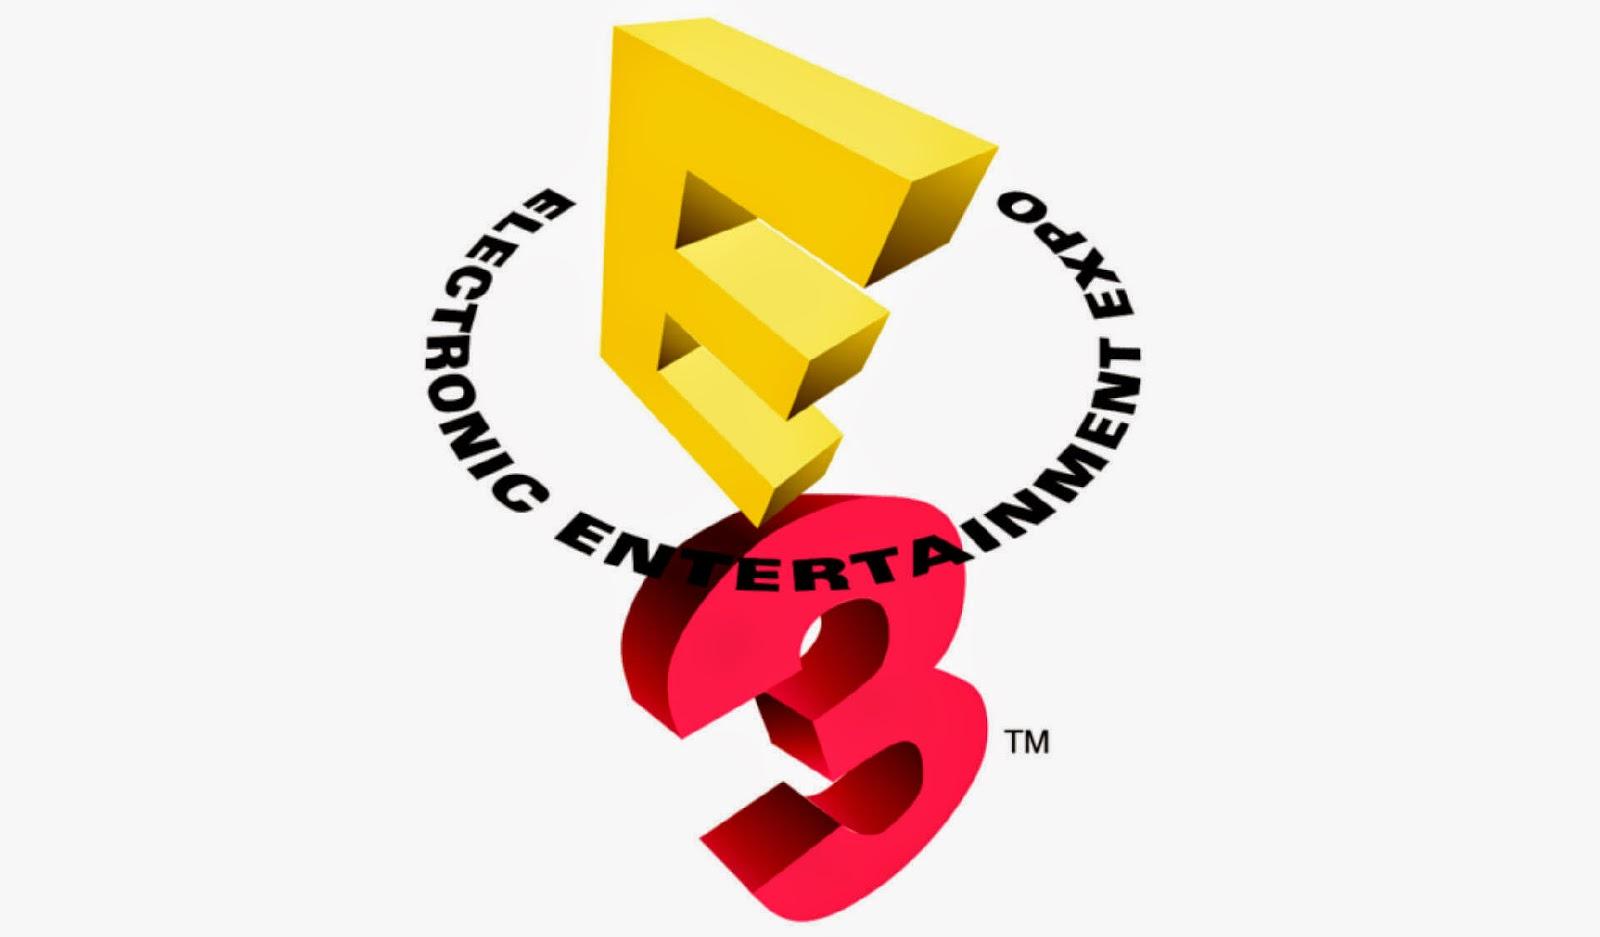 E3 2016 nə vaxt keçiriləcək?